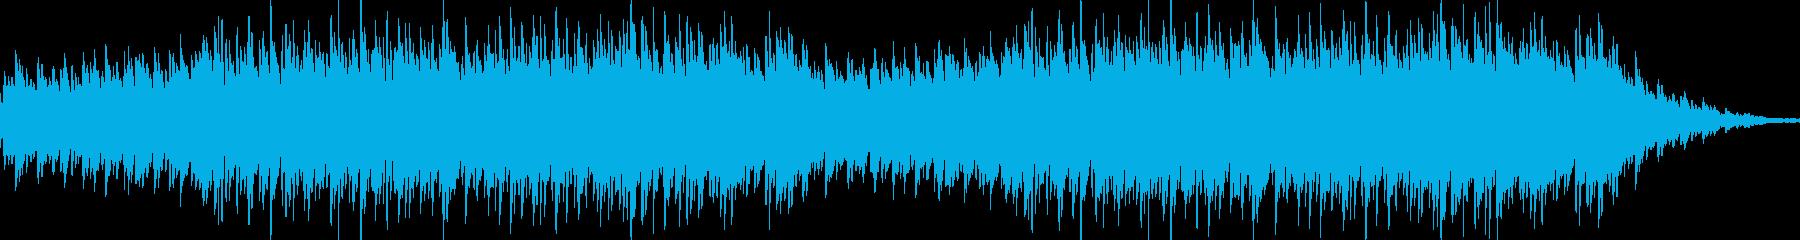 神秘的で大人な雰囲気のメロディーの再生済みの波形